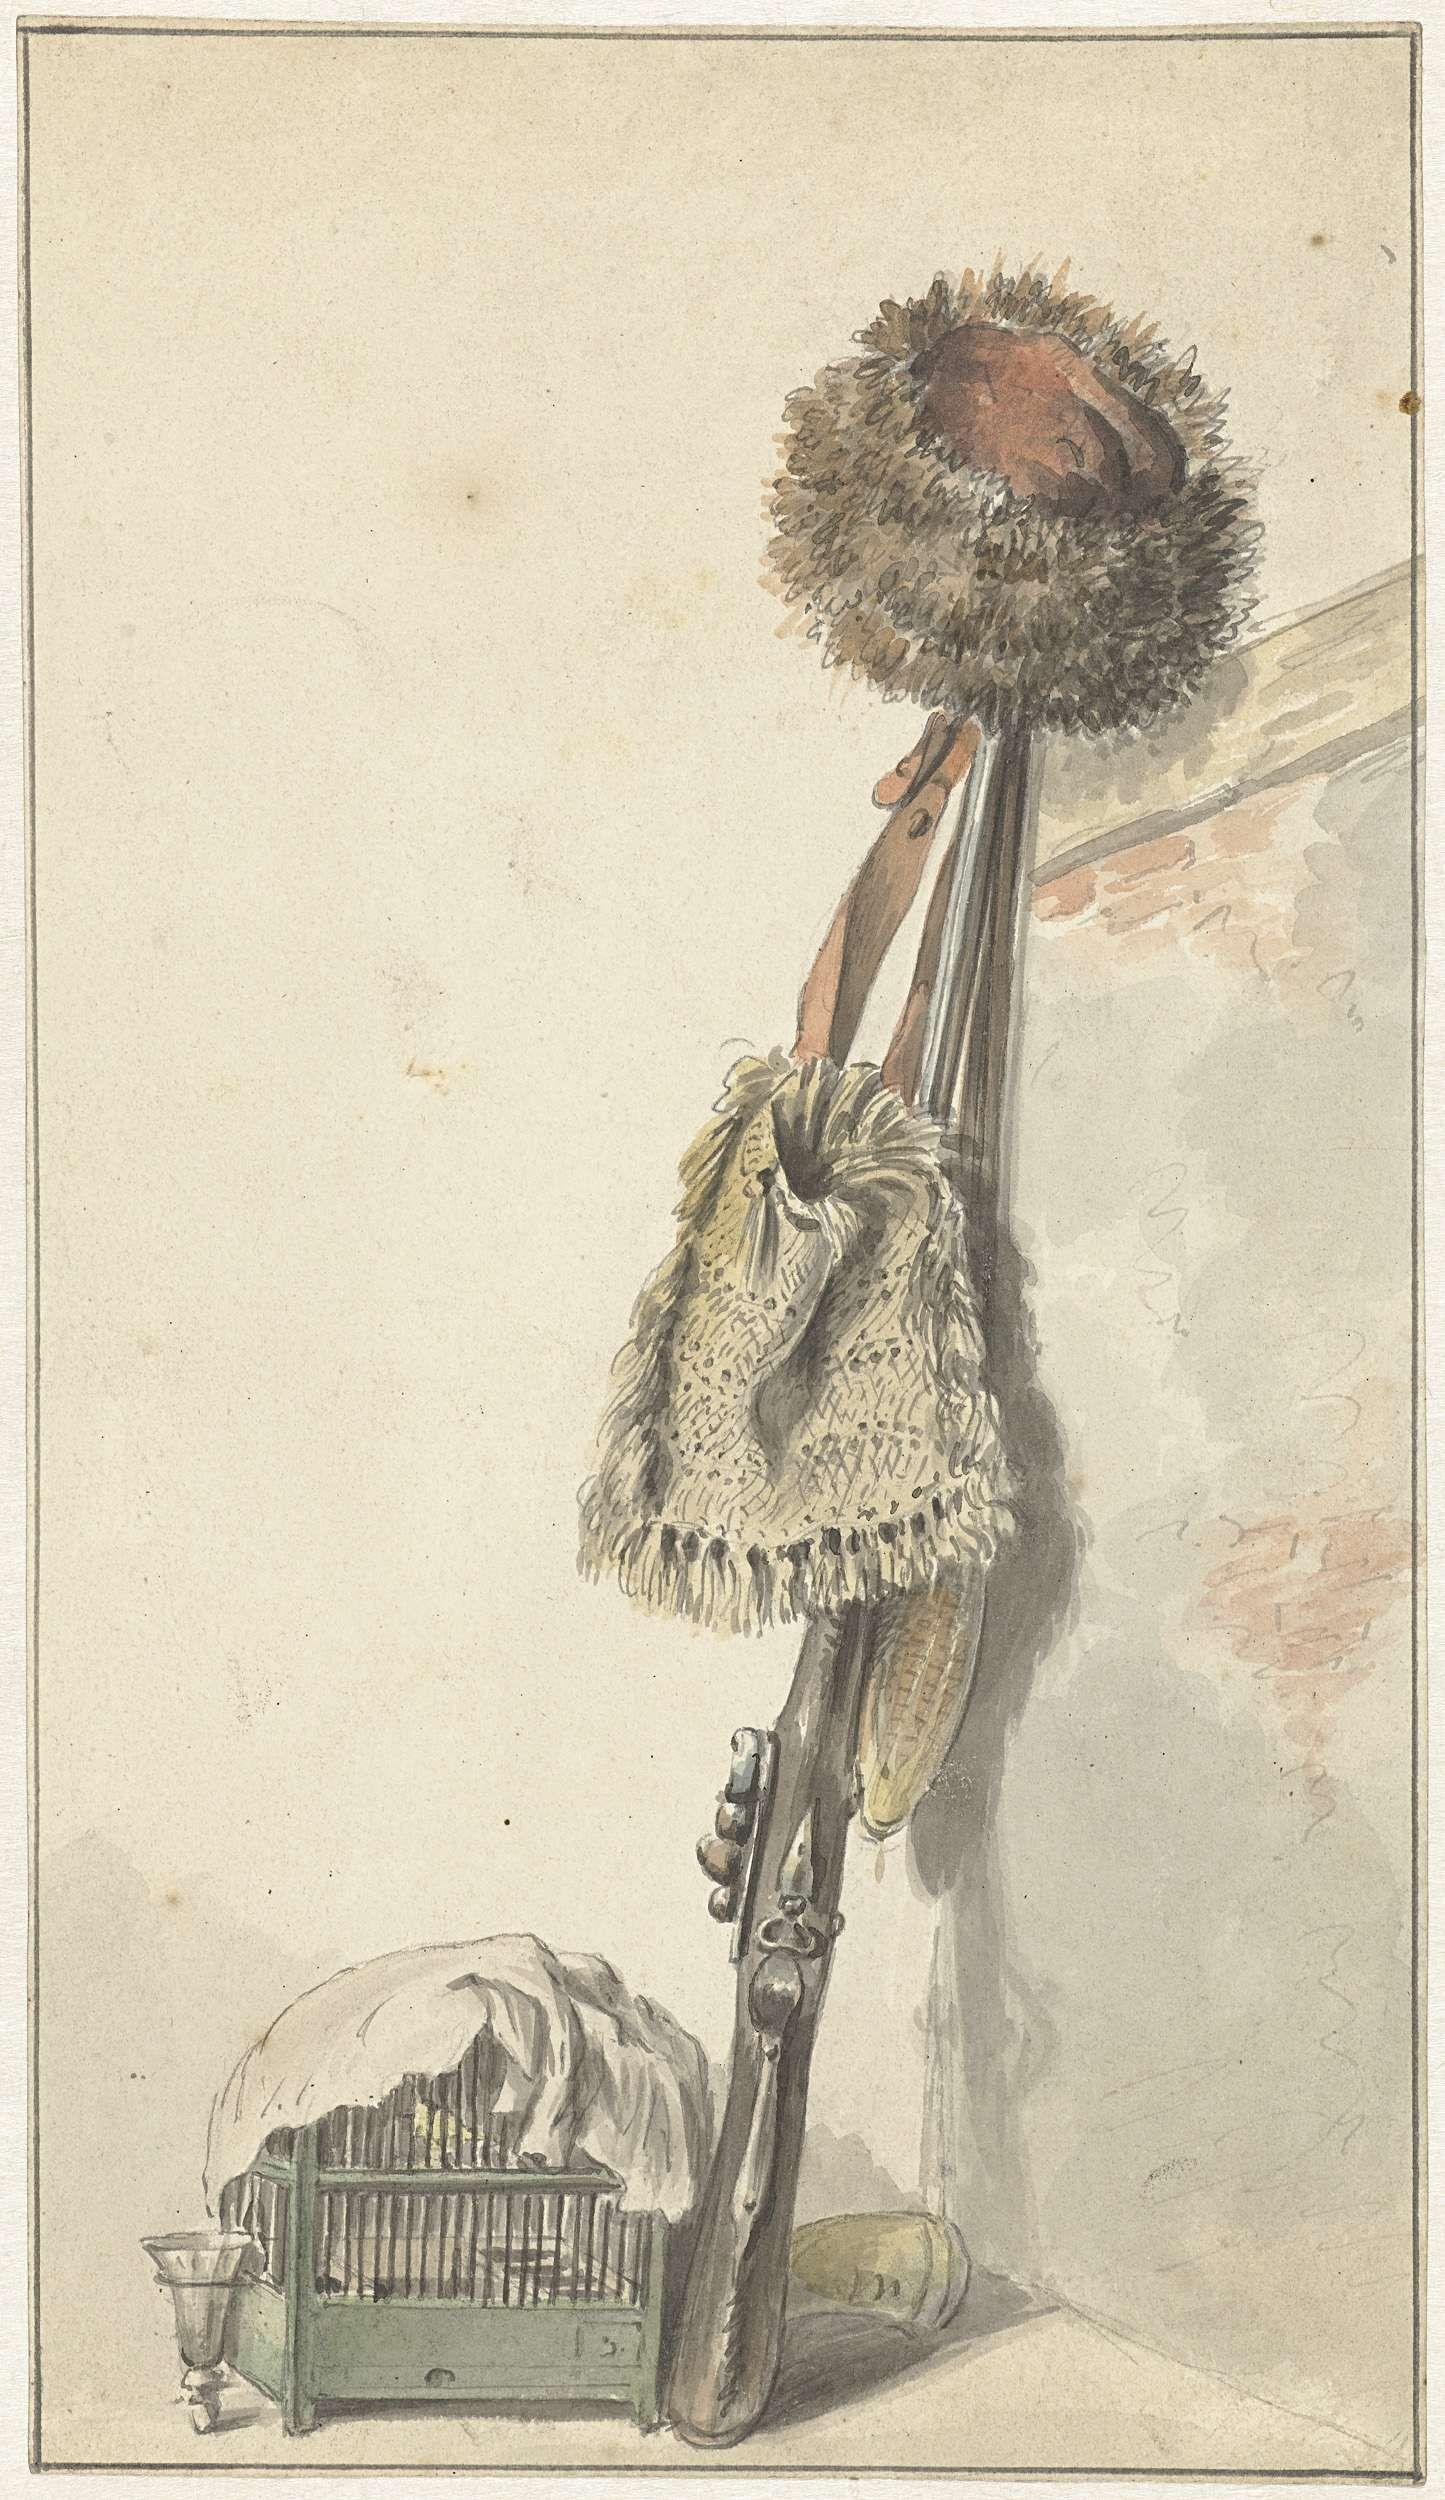 Jacob van Strij | Jachtstilleven met vogelkooi, Jacob van Strij, 1766 - 1815 | Jachtstilleven met vogelkooi, geweer, kruithoorn, weitas en bontmuts.